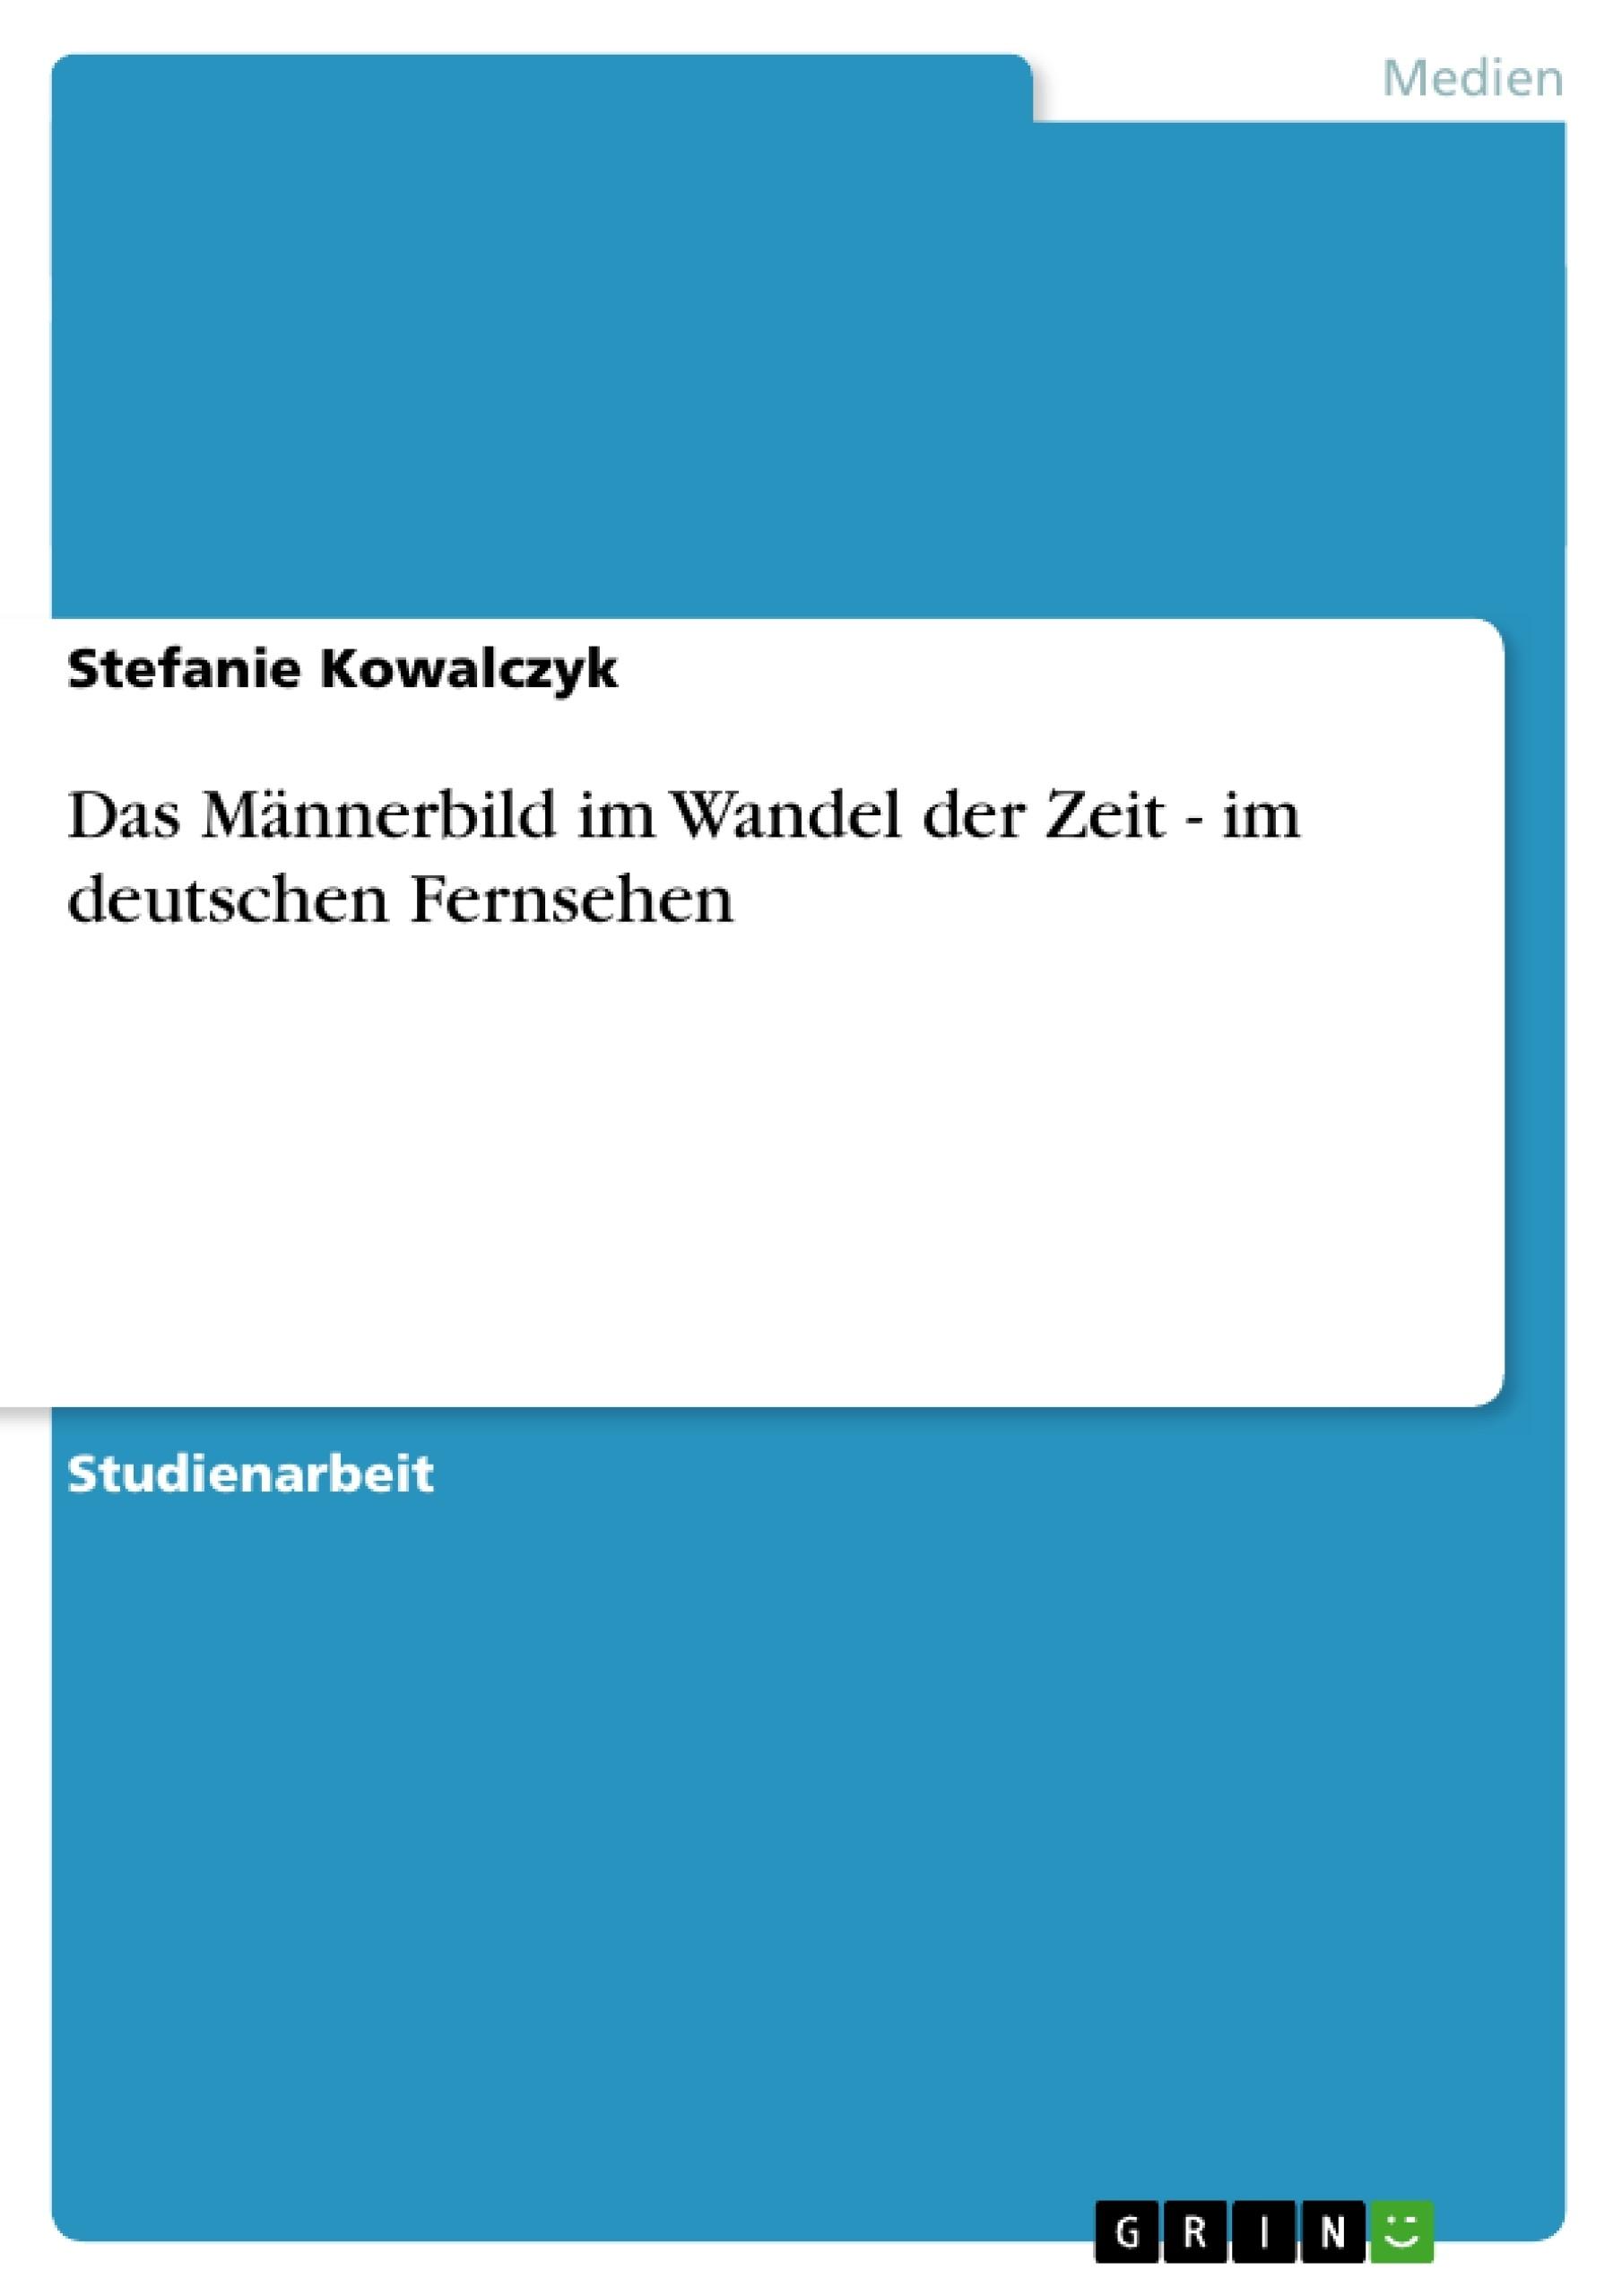 Titel: Das Männerbild im Wandel der Zeit  - im deutschen Fernsehen